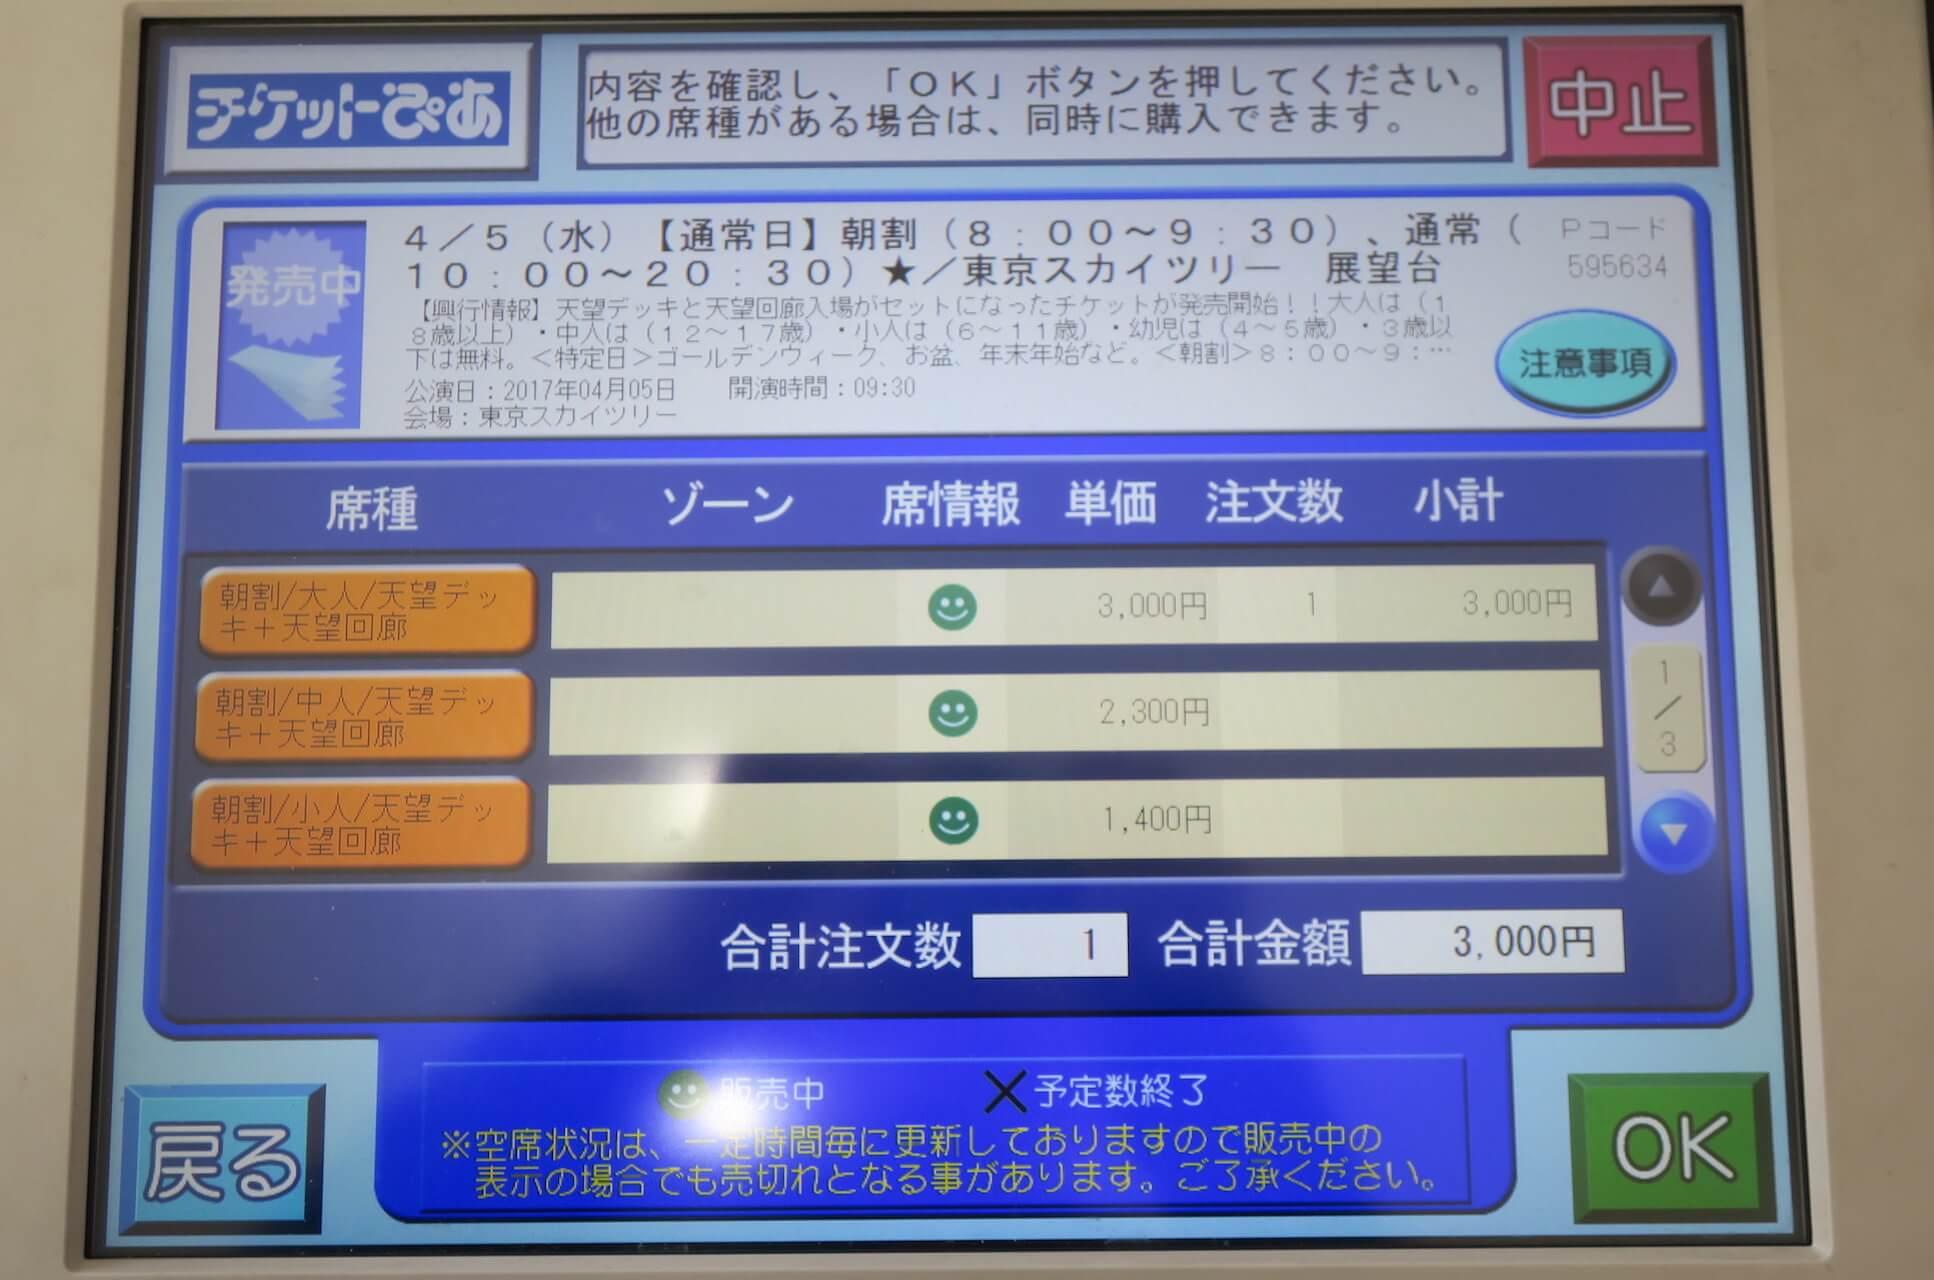 チケット発券機操作方法05